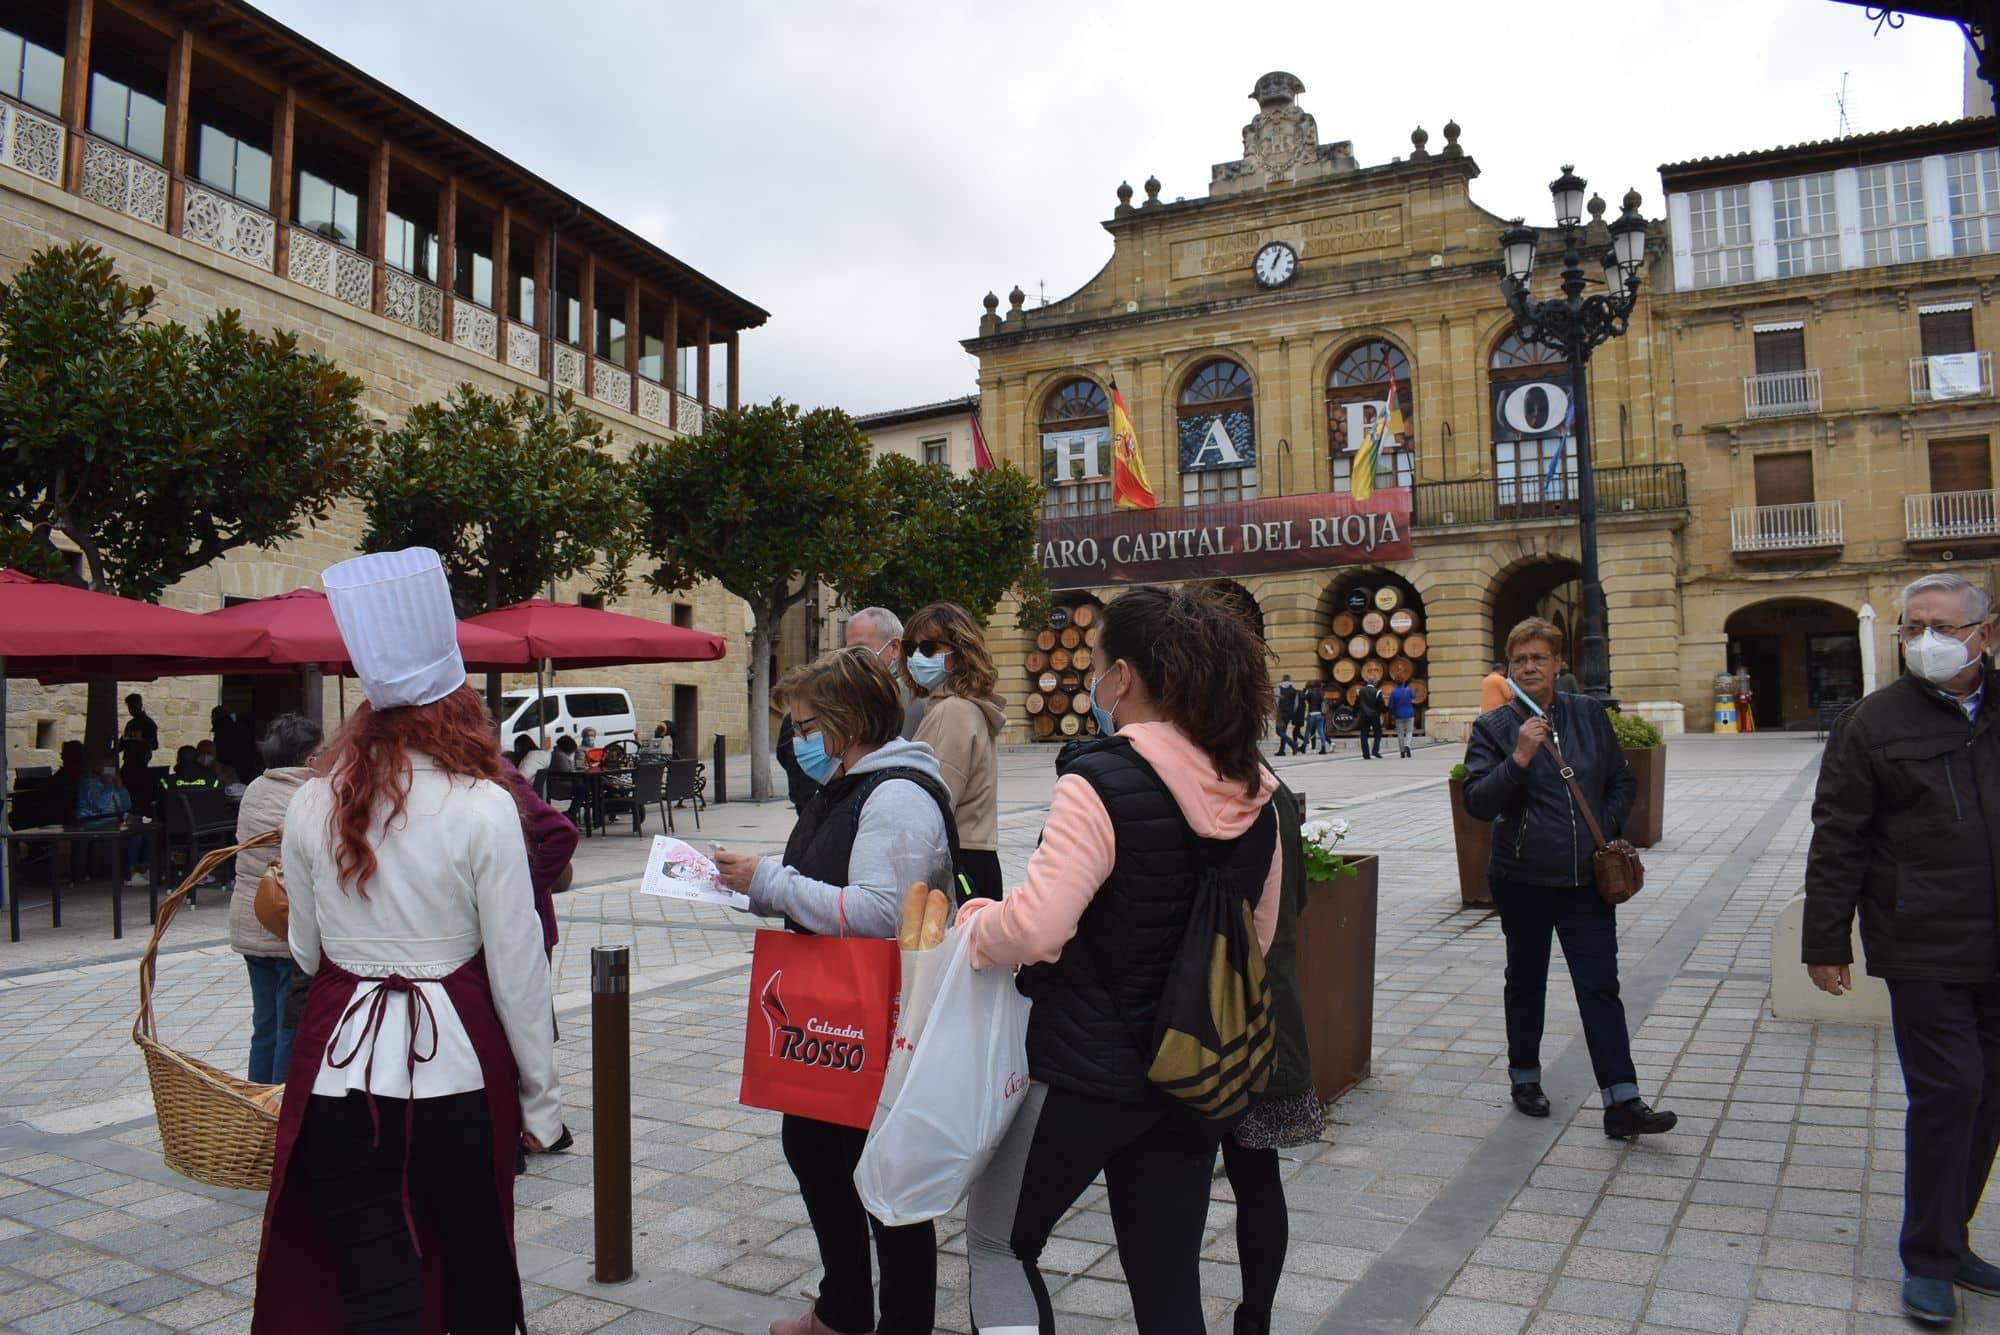 La plaza de la Paz estrena un photocall con el lema 'Haro, Capital del Rioja' 10